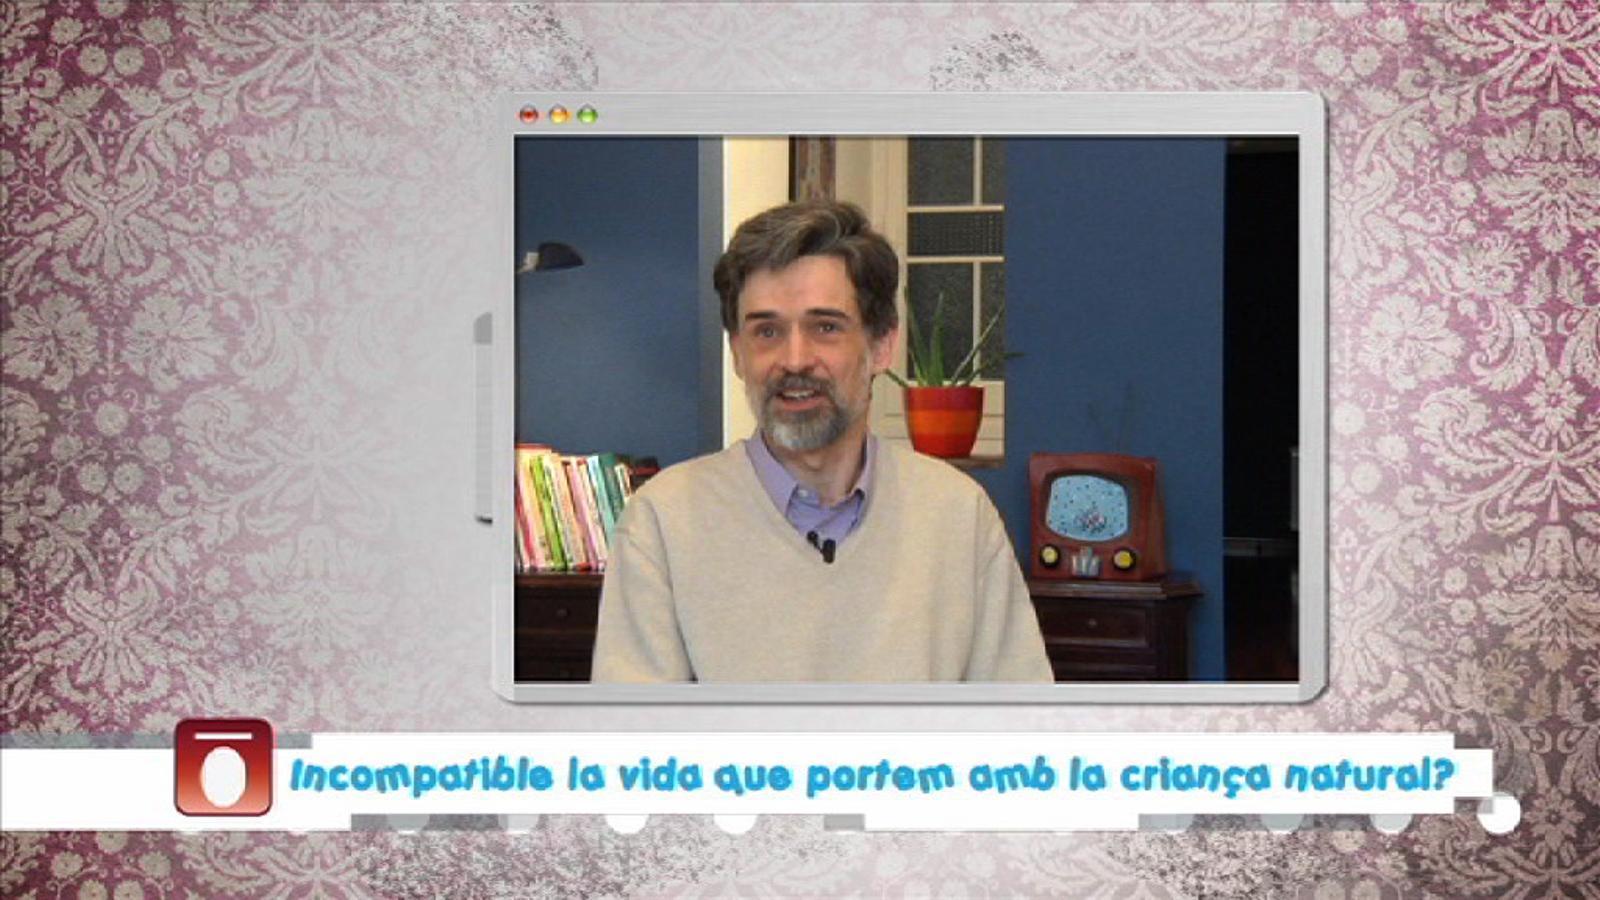 Criatures: Carlos González respon si és compatible la criança natural amb la vida que portem